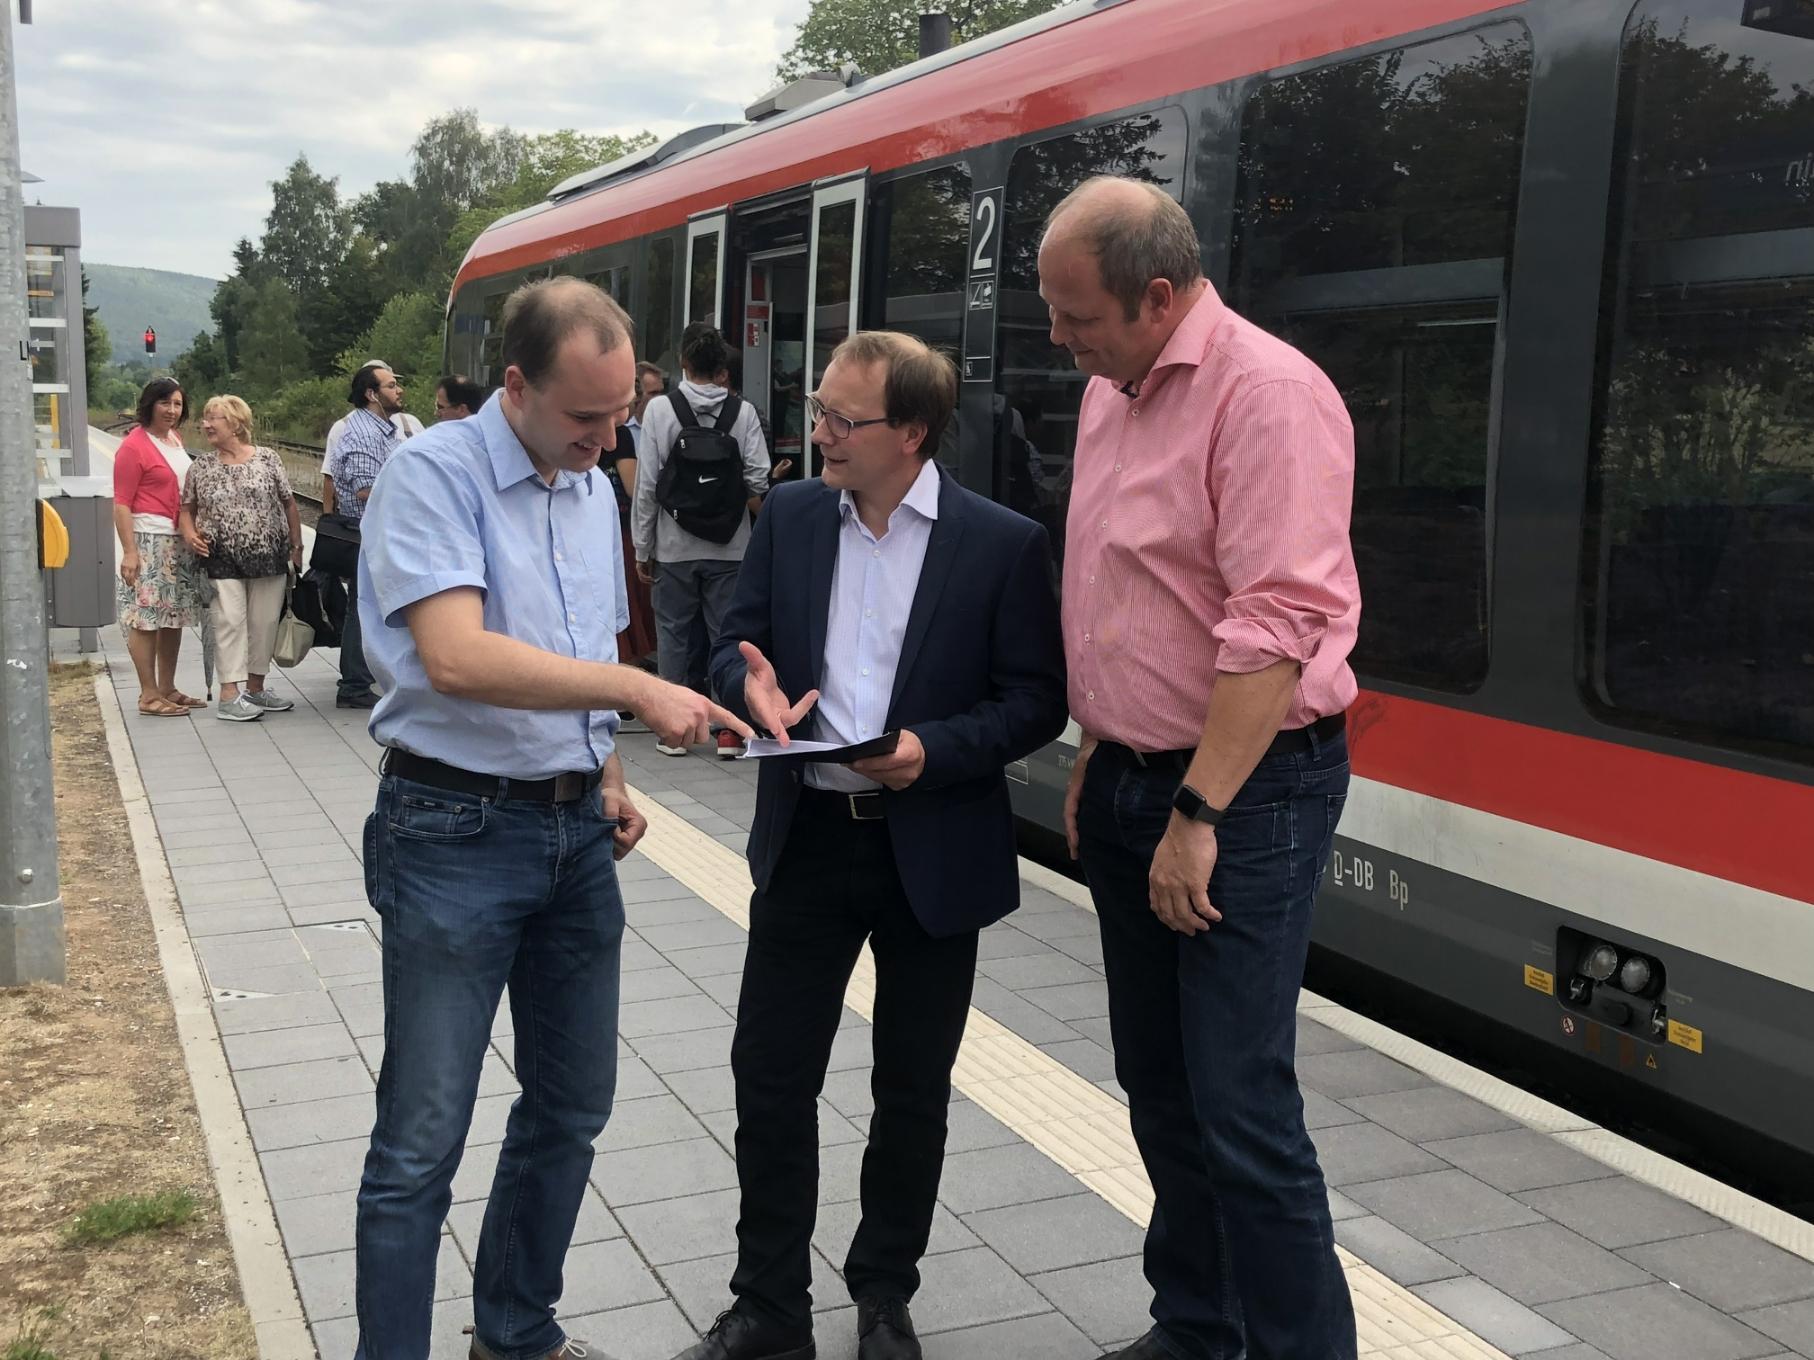 Bezirkstagskandidat Markus Krebs, MdB Karsten Klein und Landtagskandidat Frank Zimmermann